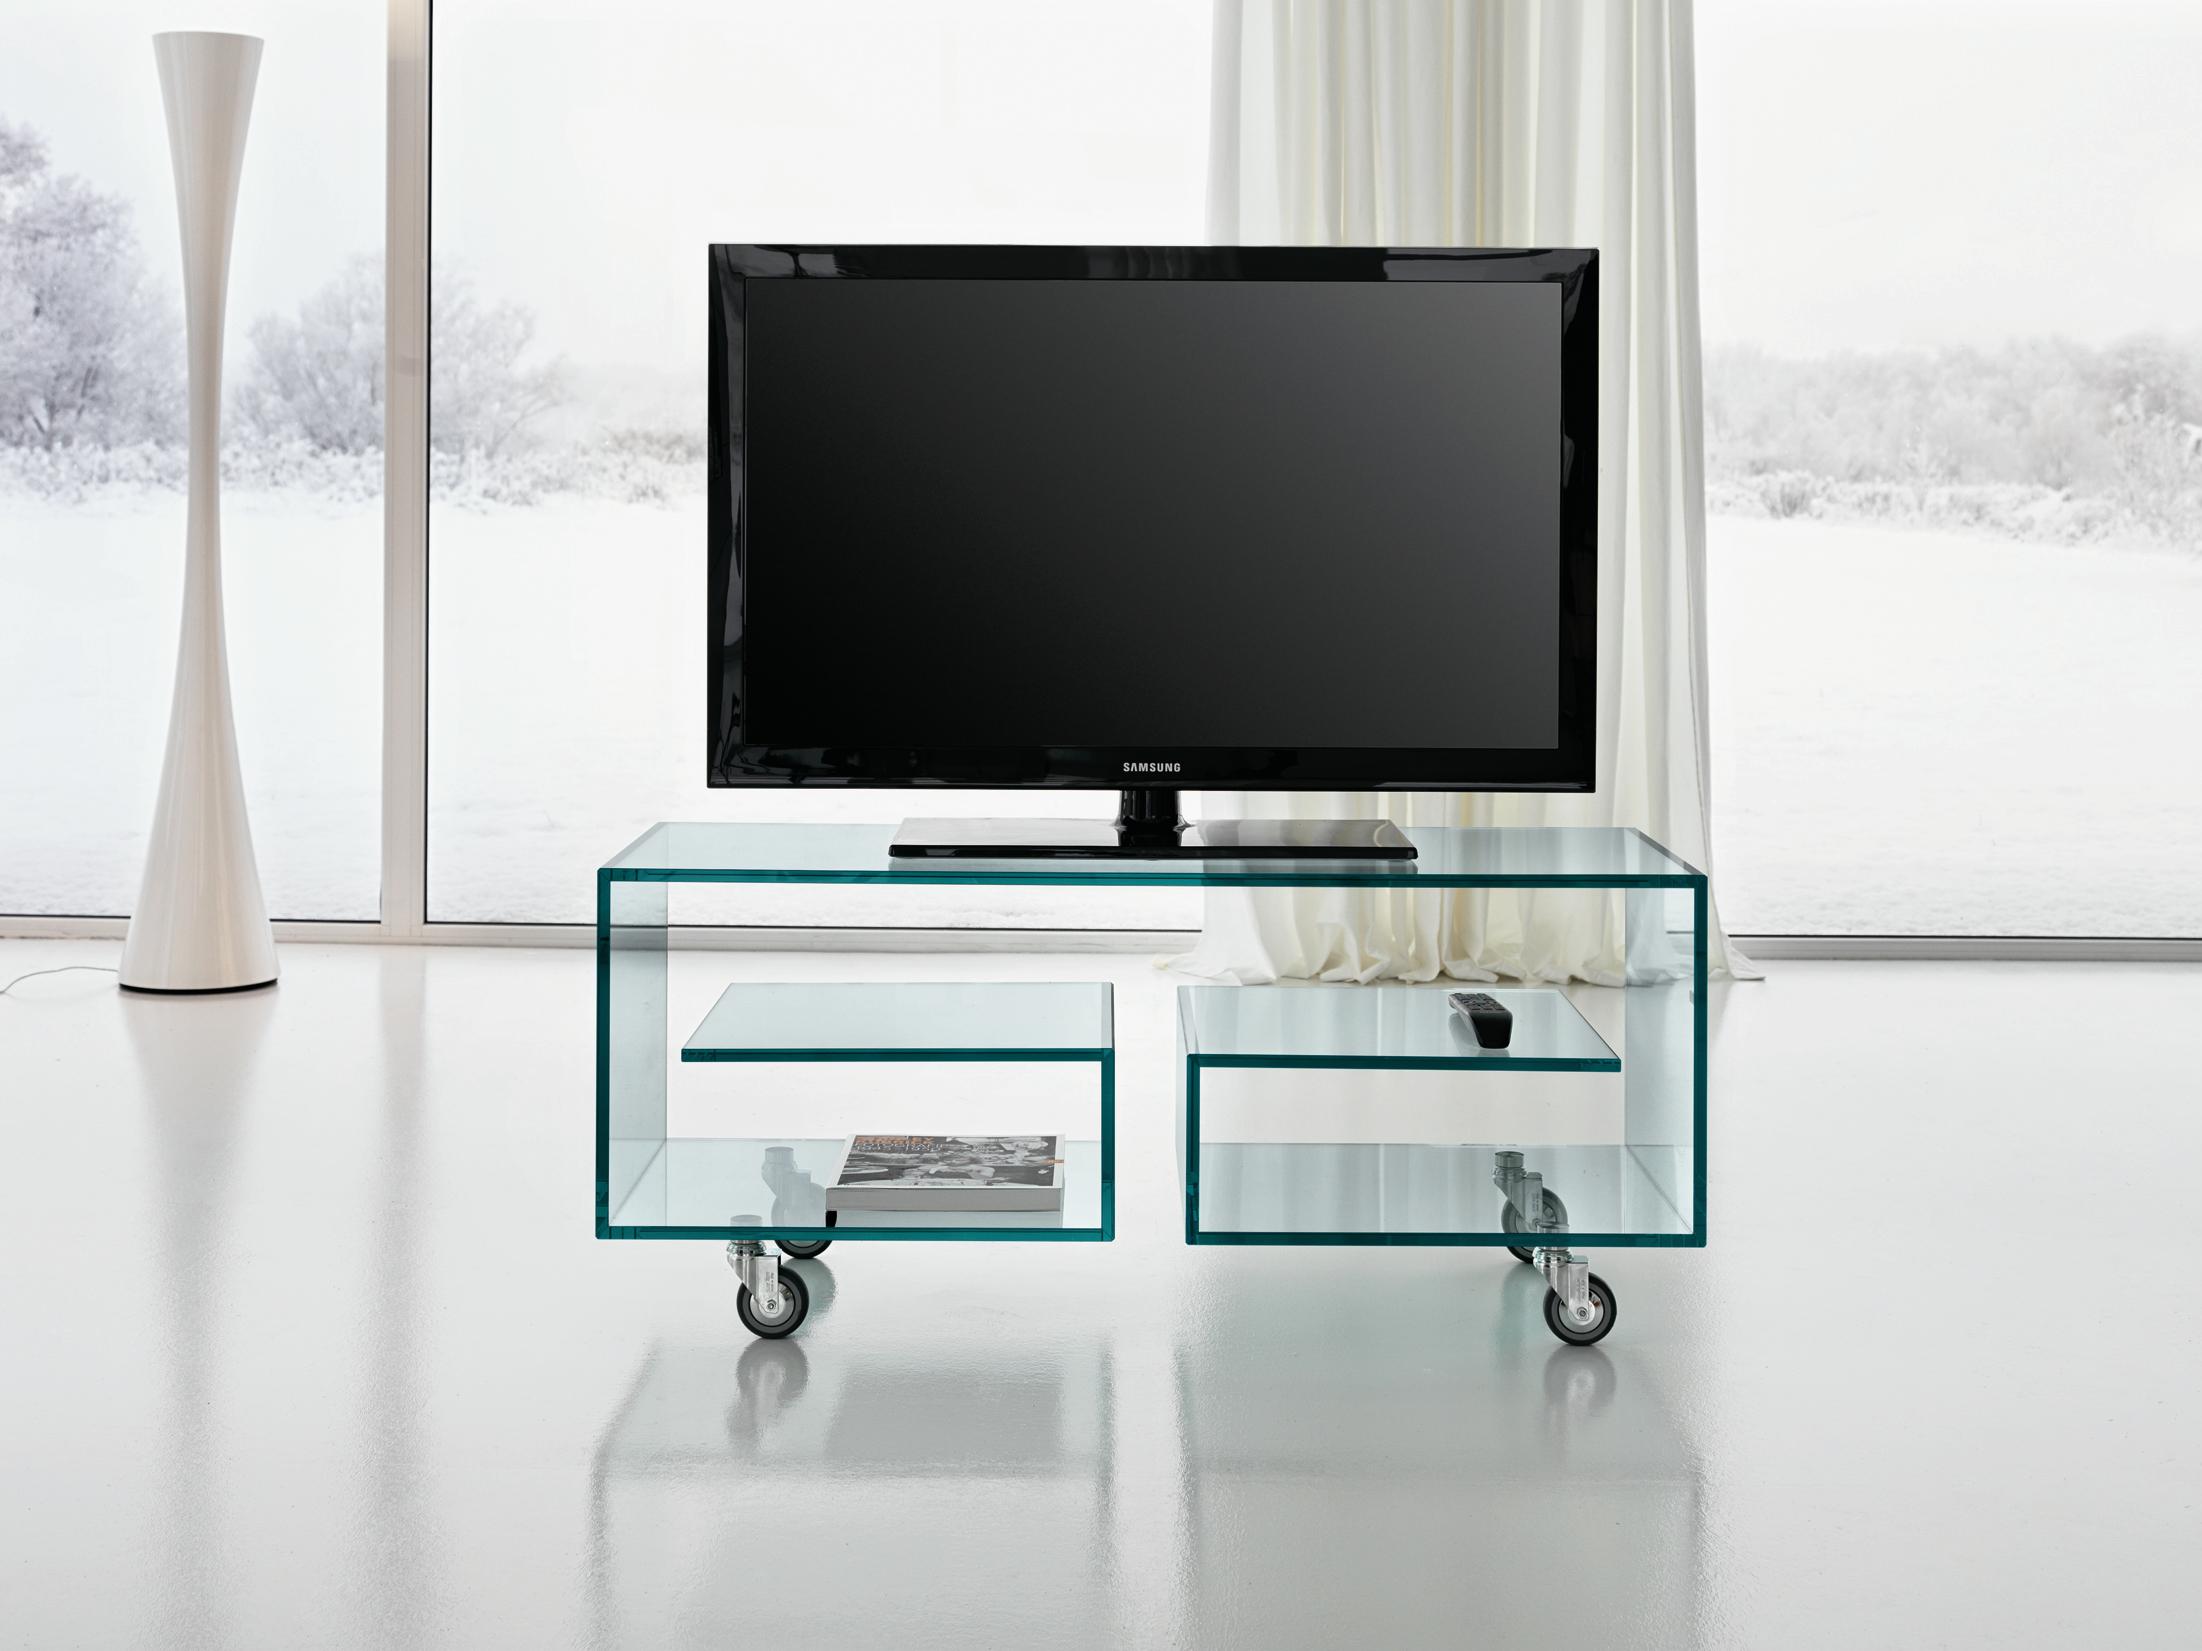 prodotti 64184 rel6733018fd5924dcf99e12818688b4b9a Résultat Supérieur 50 Merveilleux Meuble Tv En Verre Design Pic 2018 Ksh4